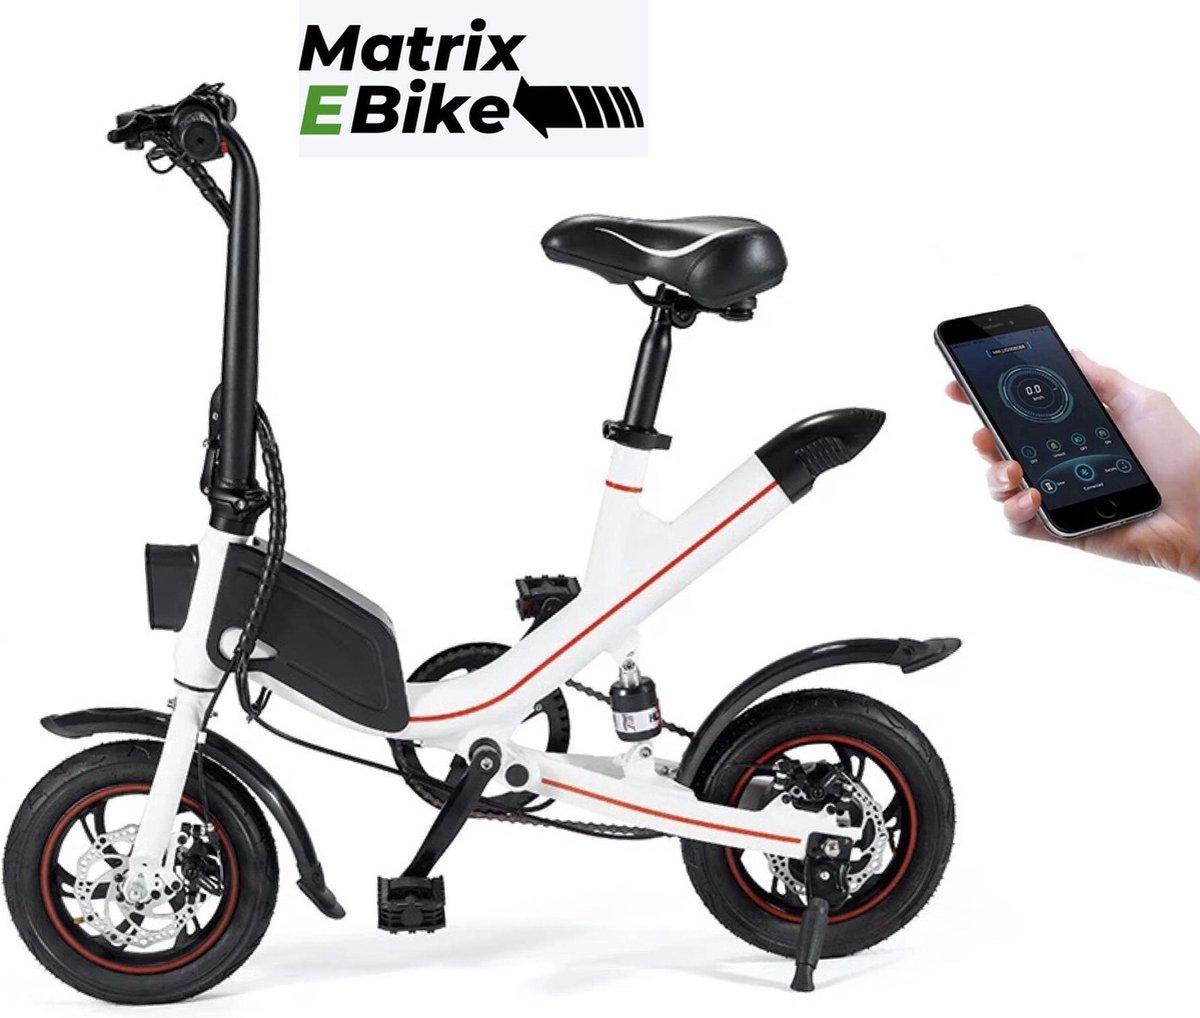 OUXI  Elektrische Fiets - E BIKE - Fiets - City Bike - Stad Fiets - Bike - Fietsen - eBike - Wit